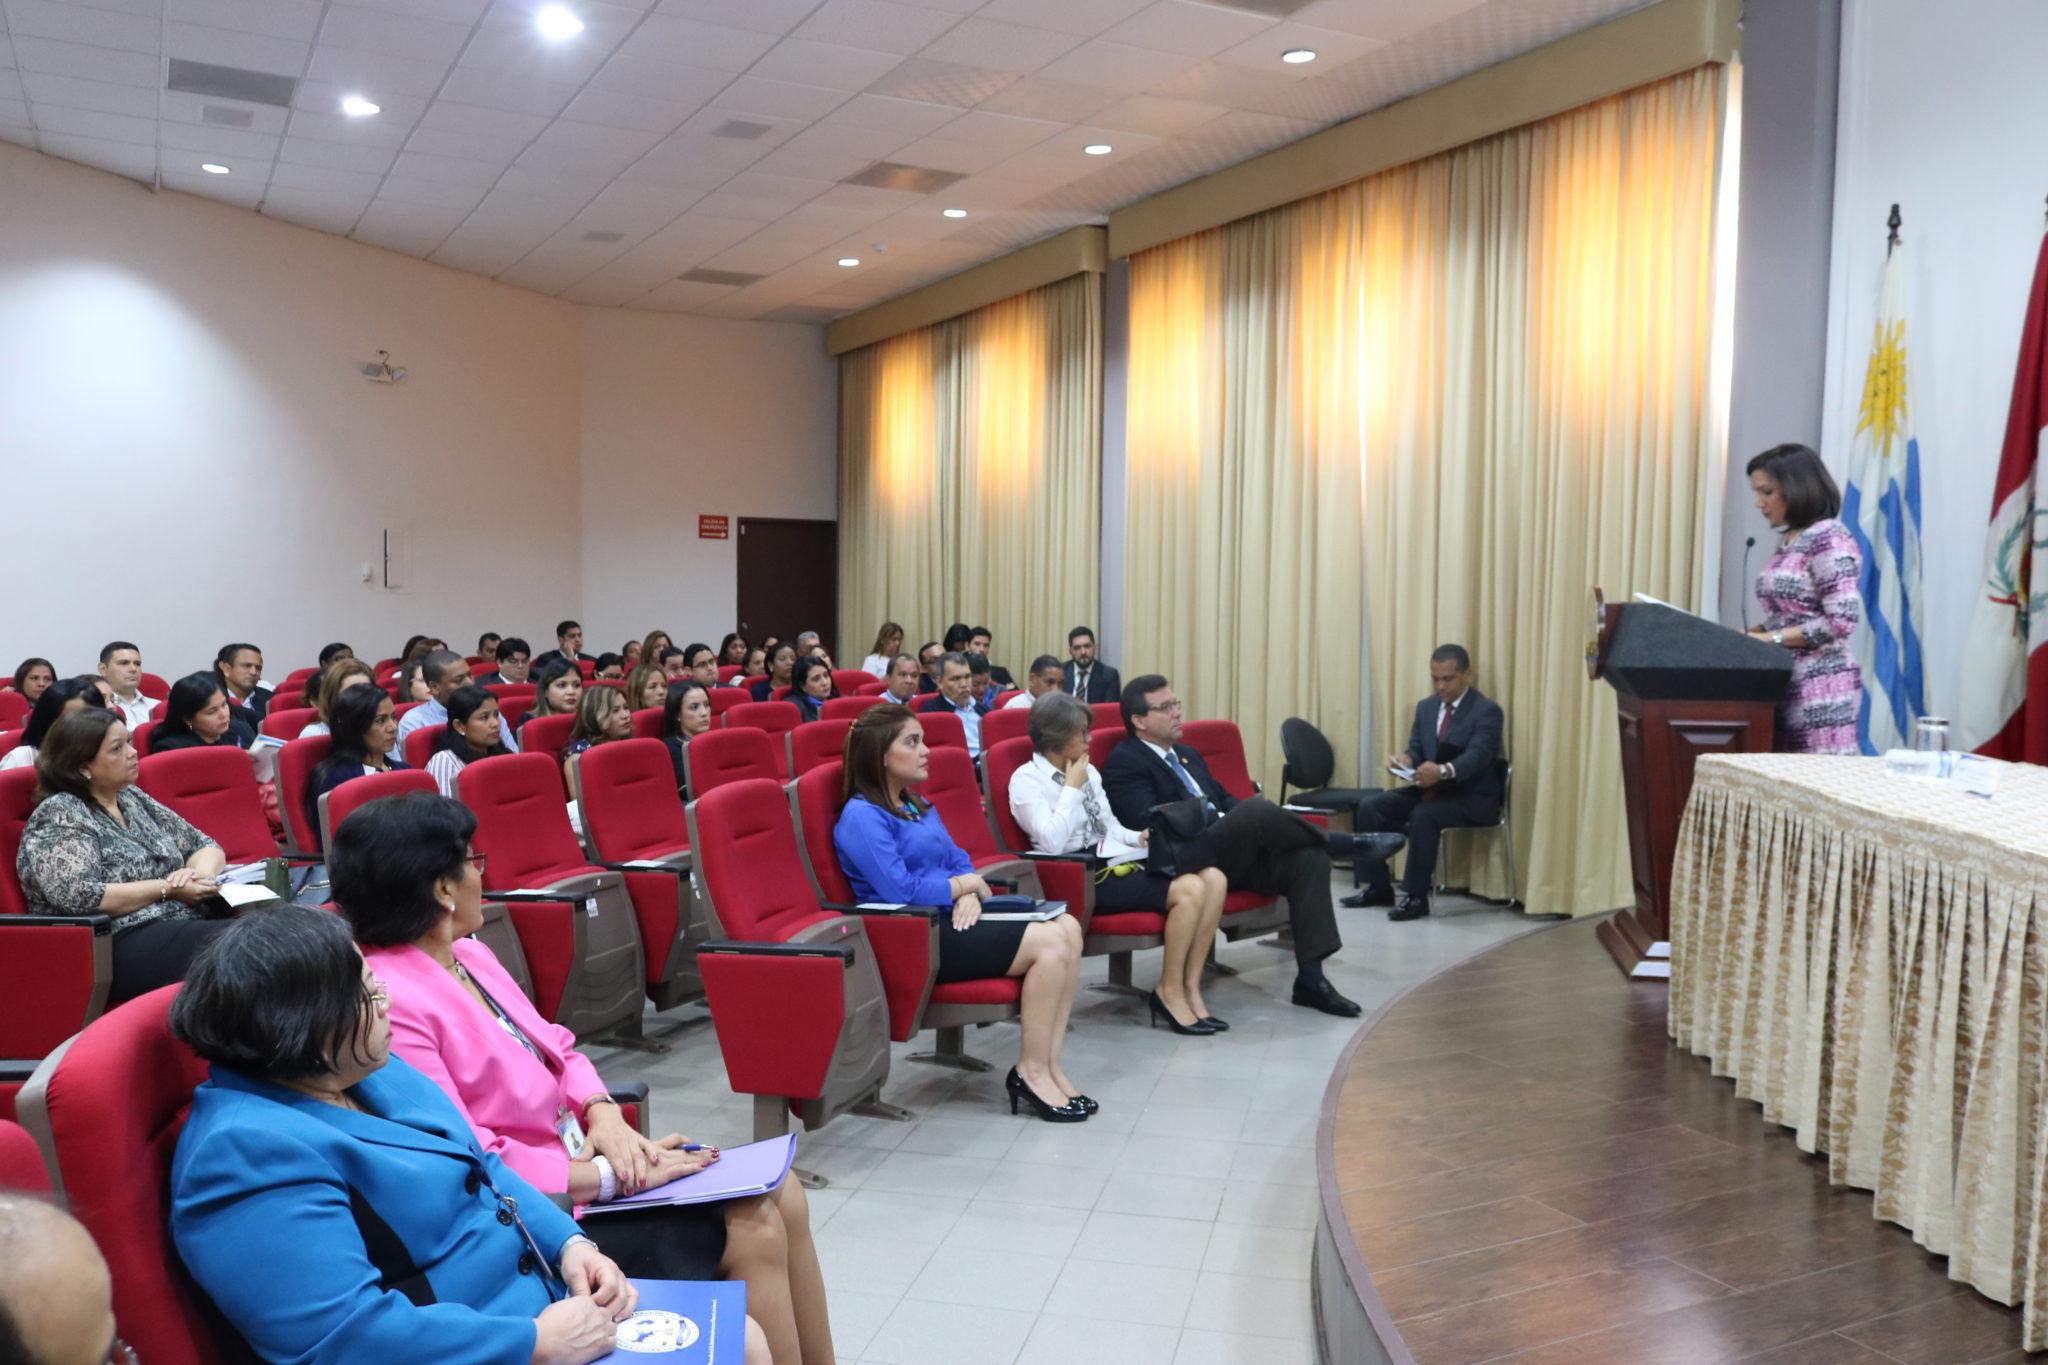 Conmemoración del 70° aniversario de la DUDH y el 40° aniversario de la CADH